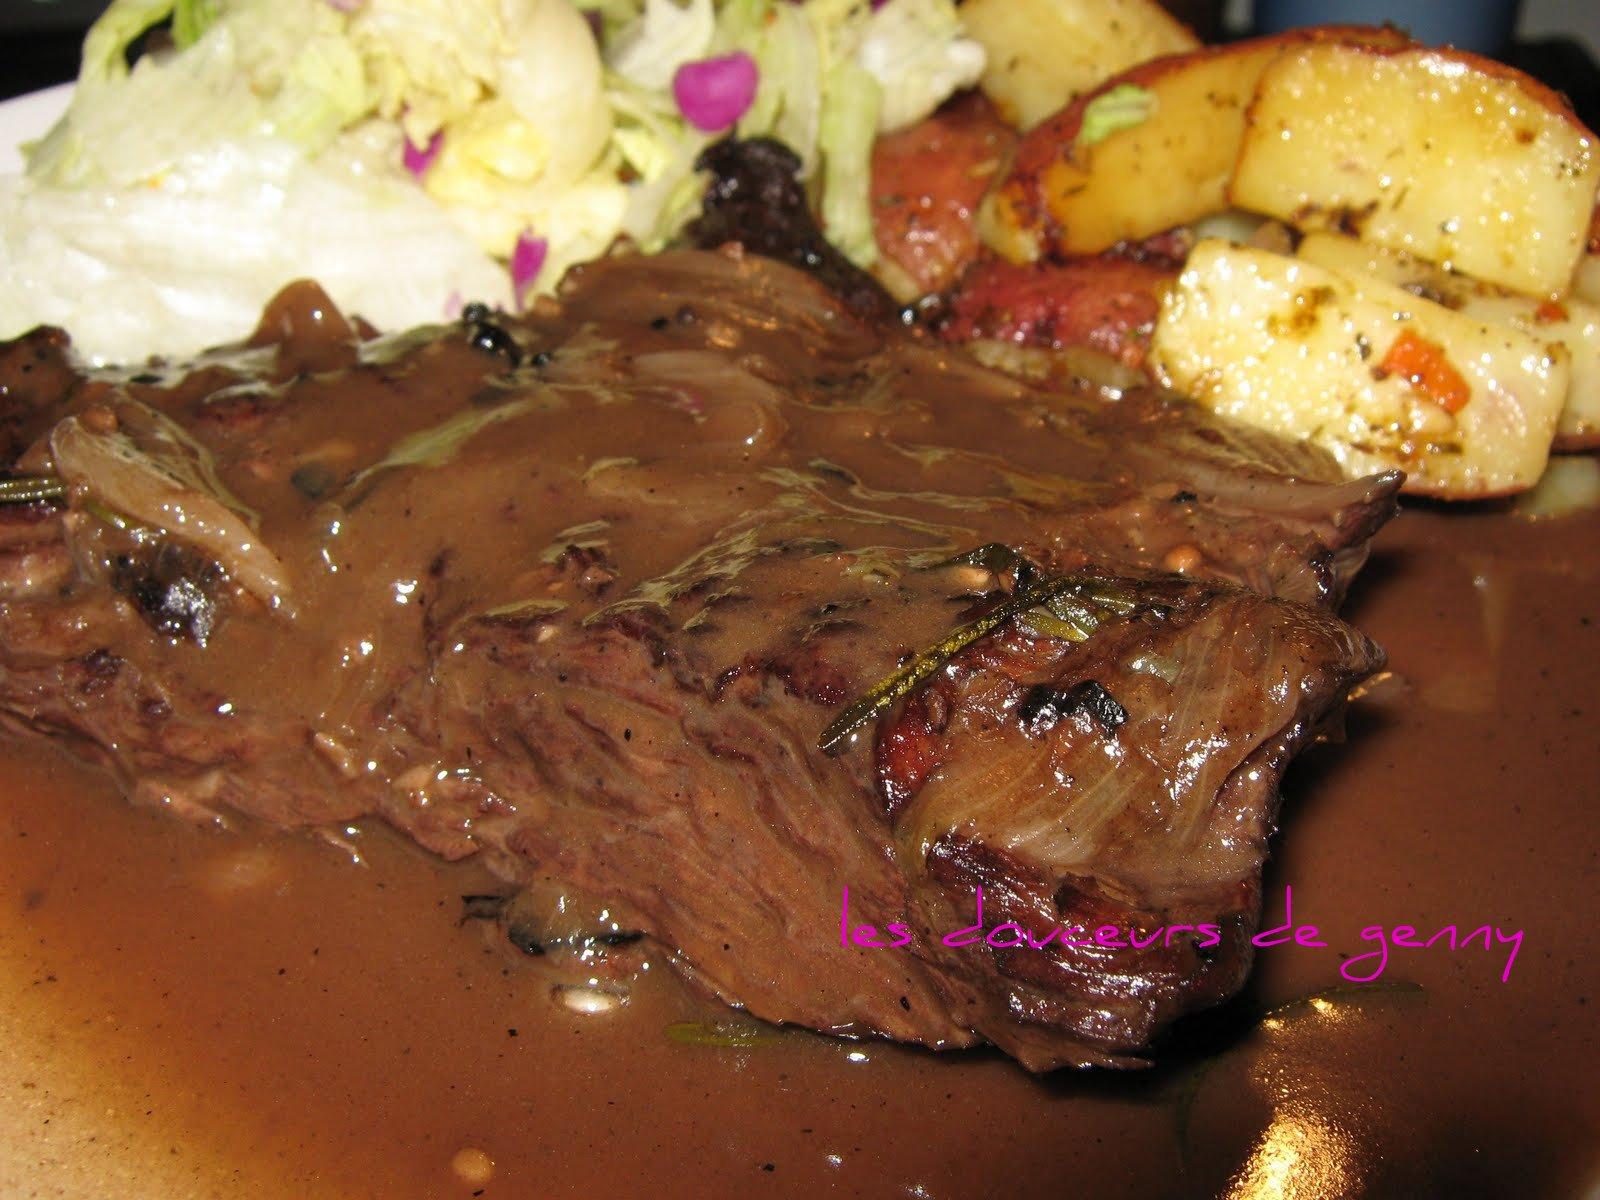 Les douceurs de genny bavettes aux chalotes et vin rouge - Marinade pour viande rouge ...